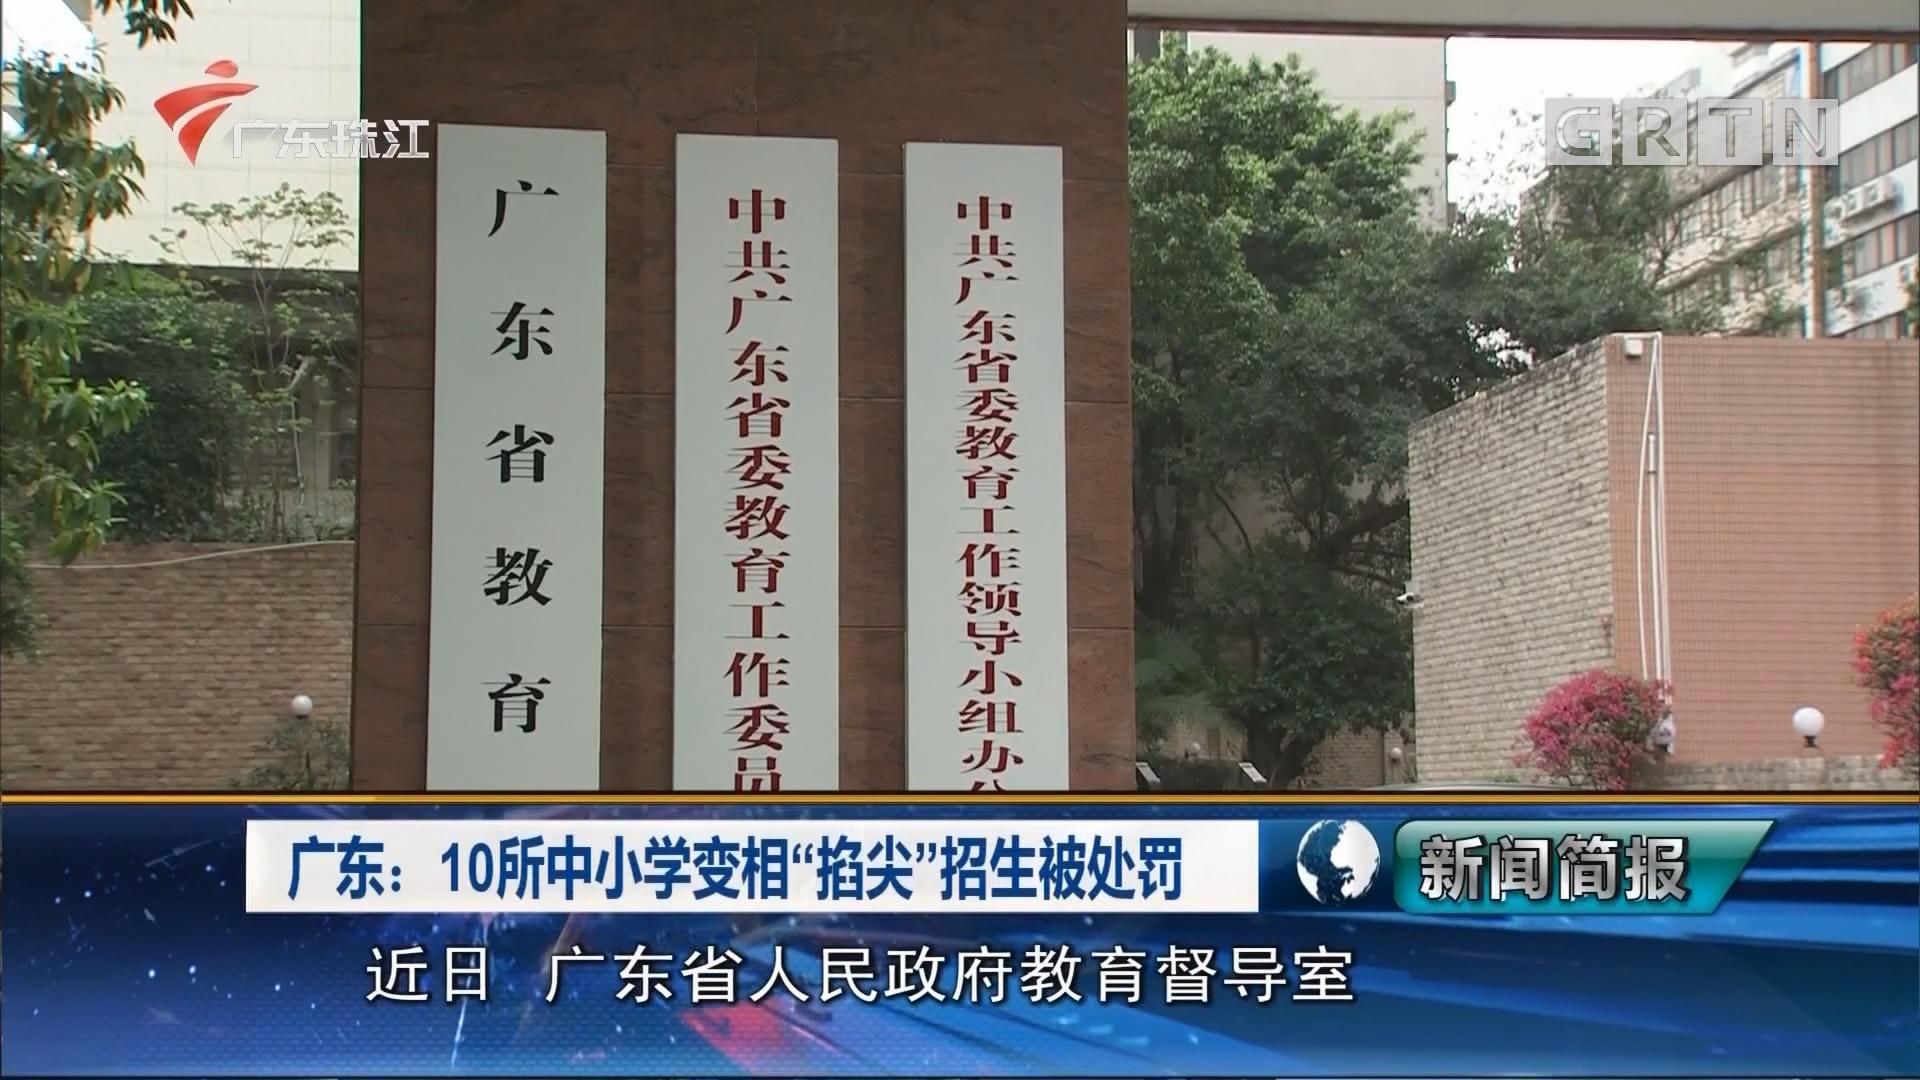 """广东:10所中小学变相""""掐尖""""招生被处罚"""